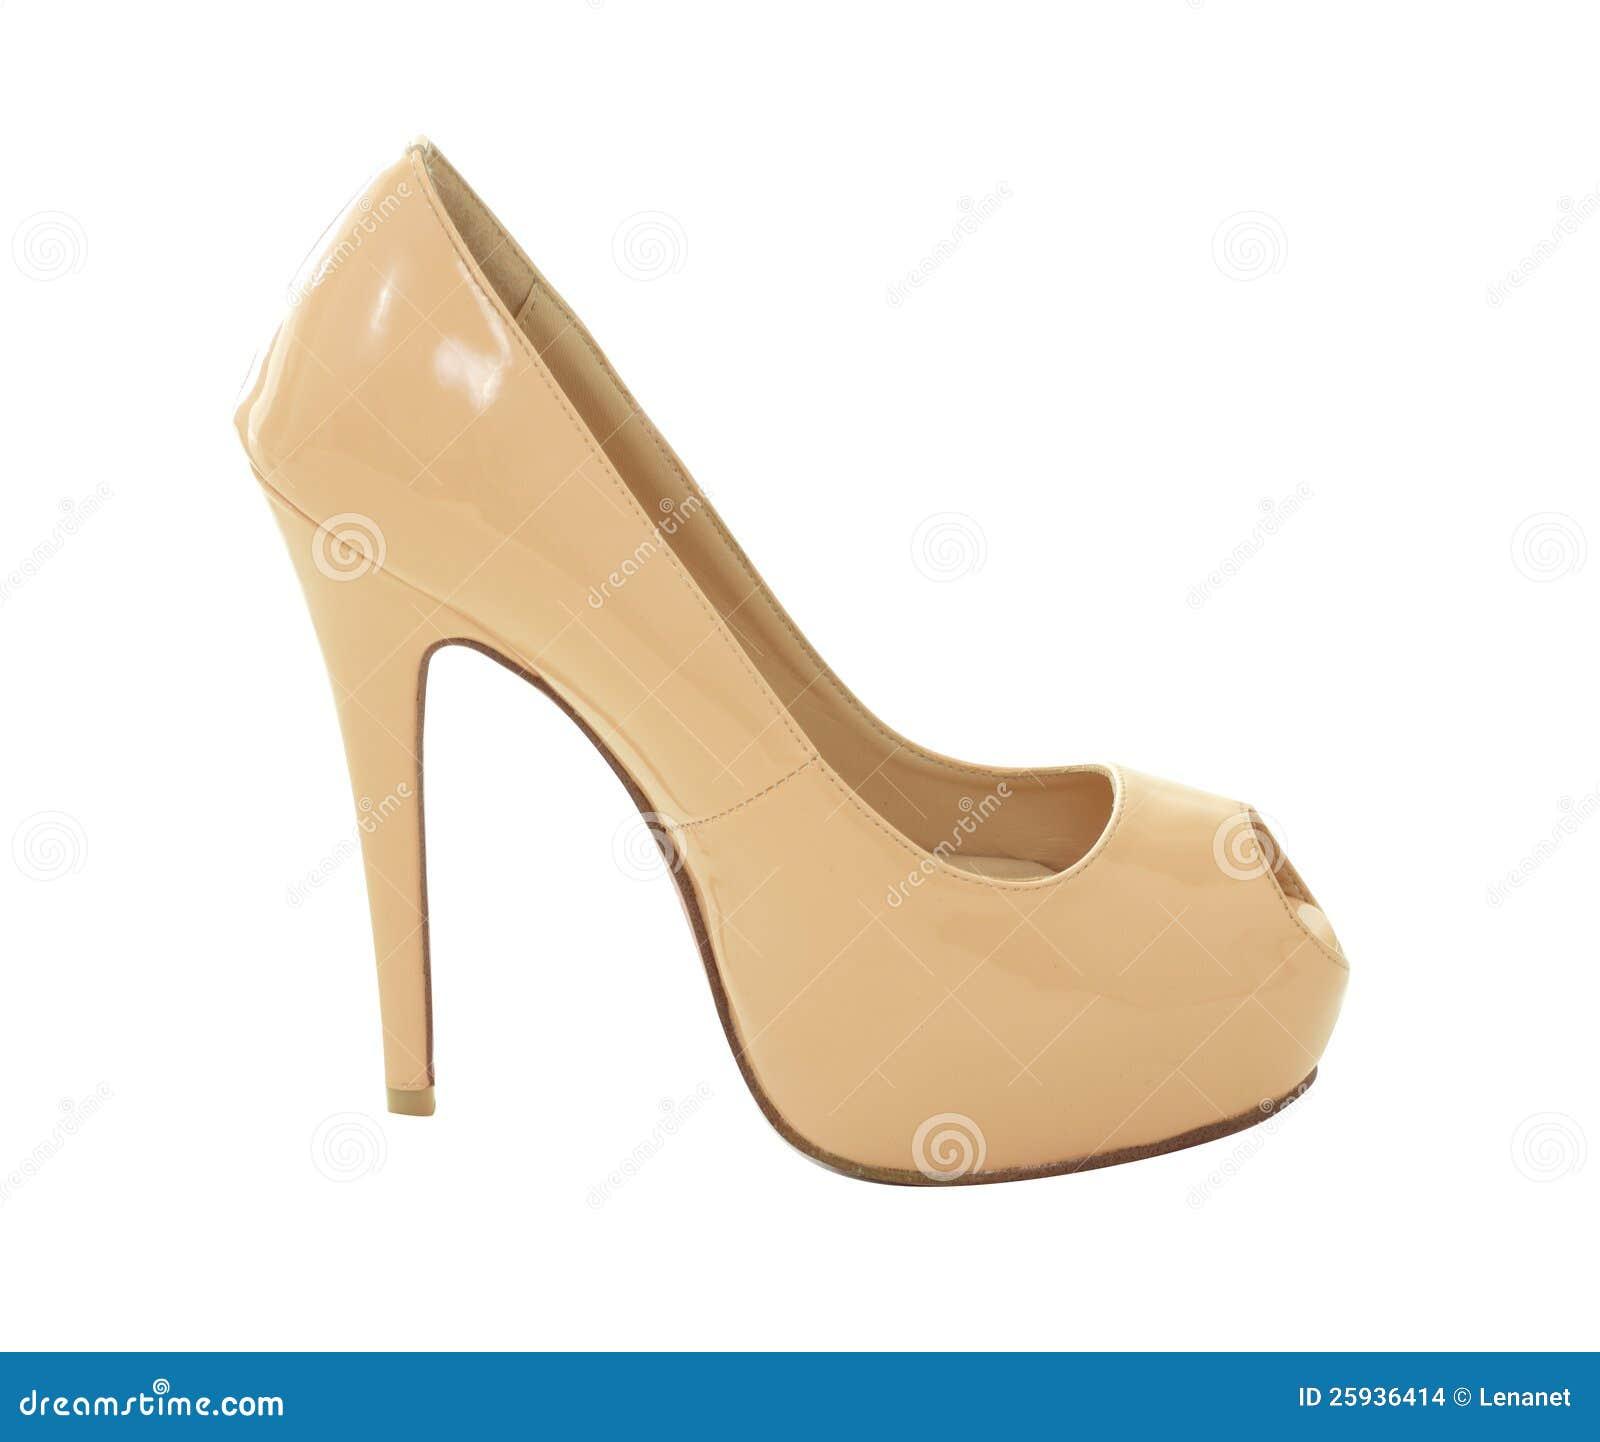 beige high heels stock photo image of modern fetish 25936414. Black Bedroom Furniture Sets. Home Design Ideas